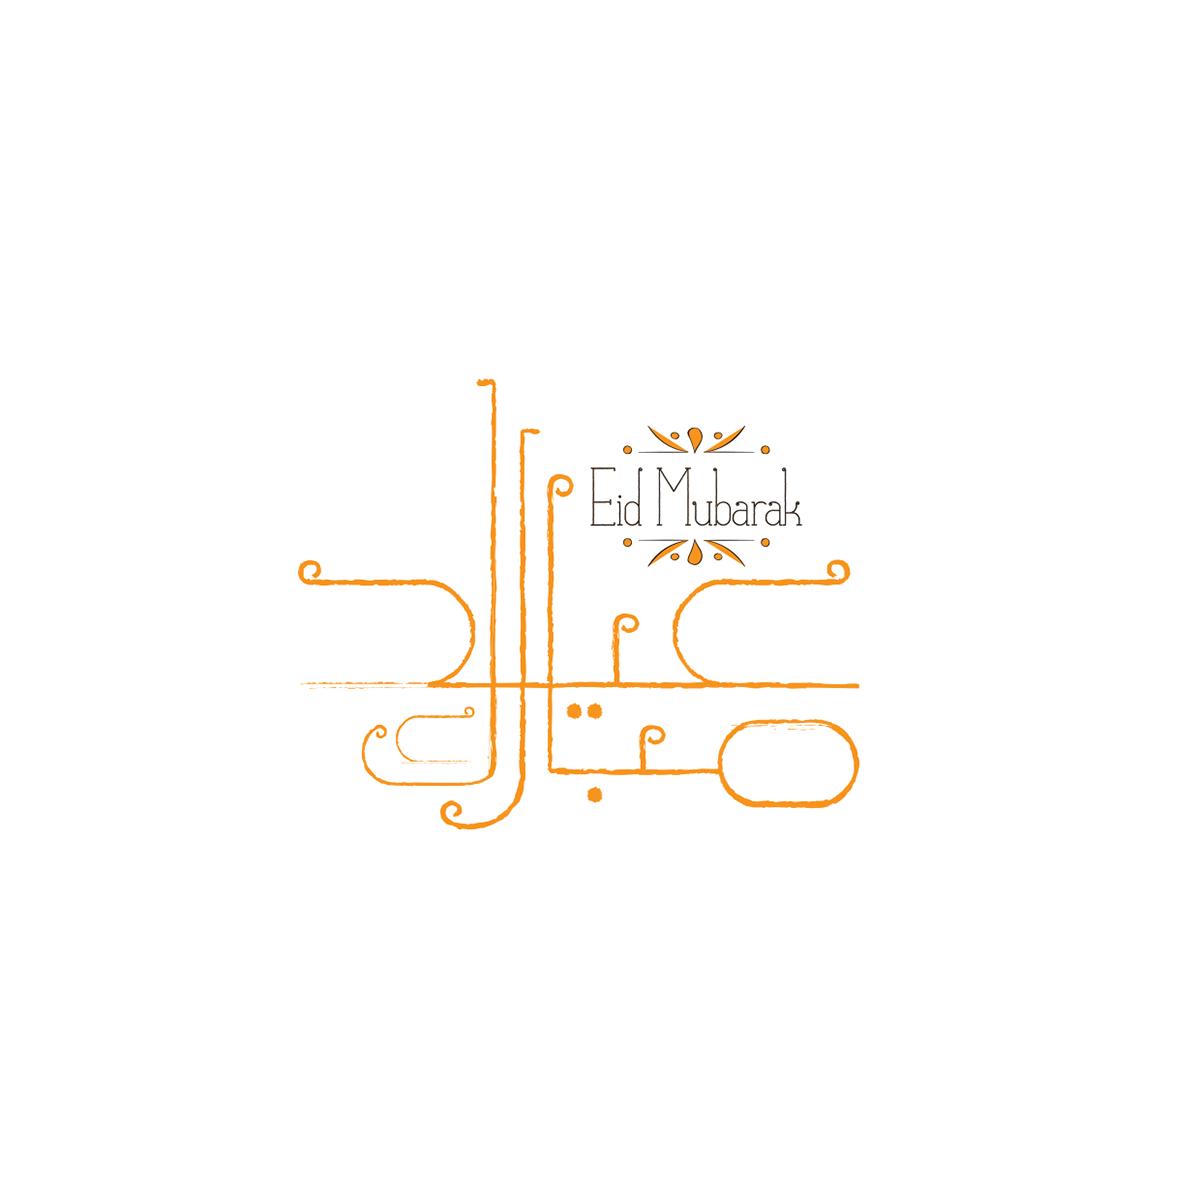 4 Eid Typography For Free . مجموعة مخطوطات بمناسبة العيد  65468a42377267.57cab6e00f311